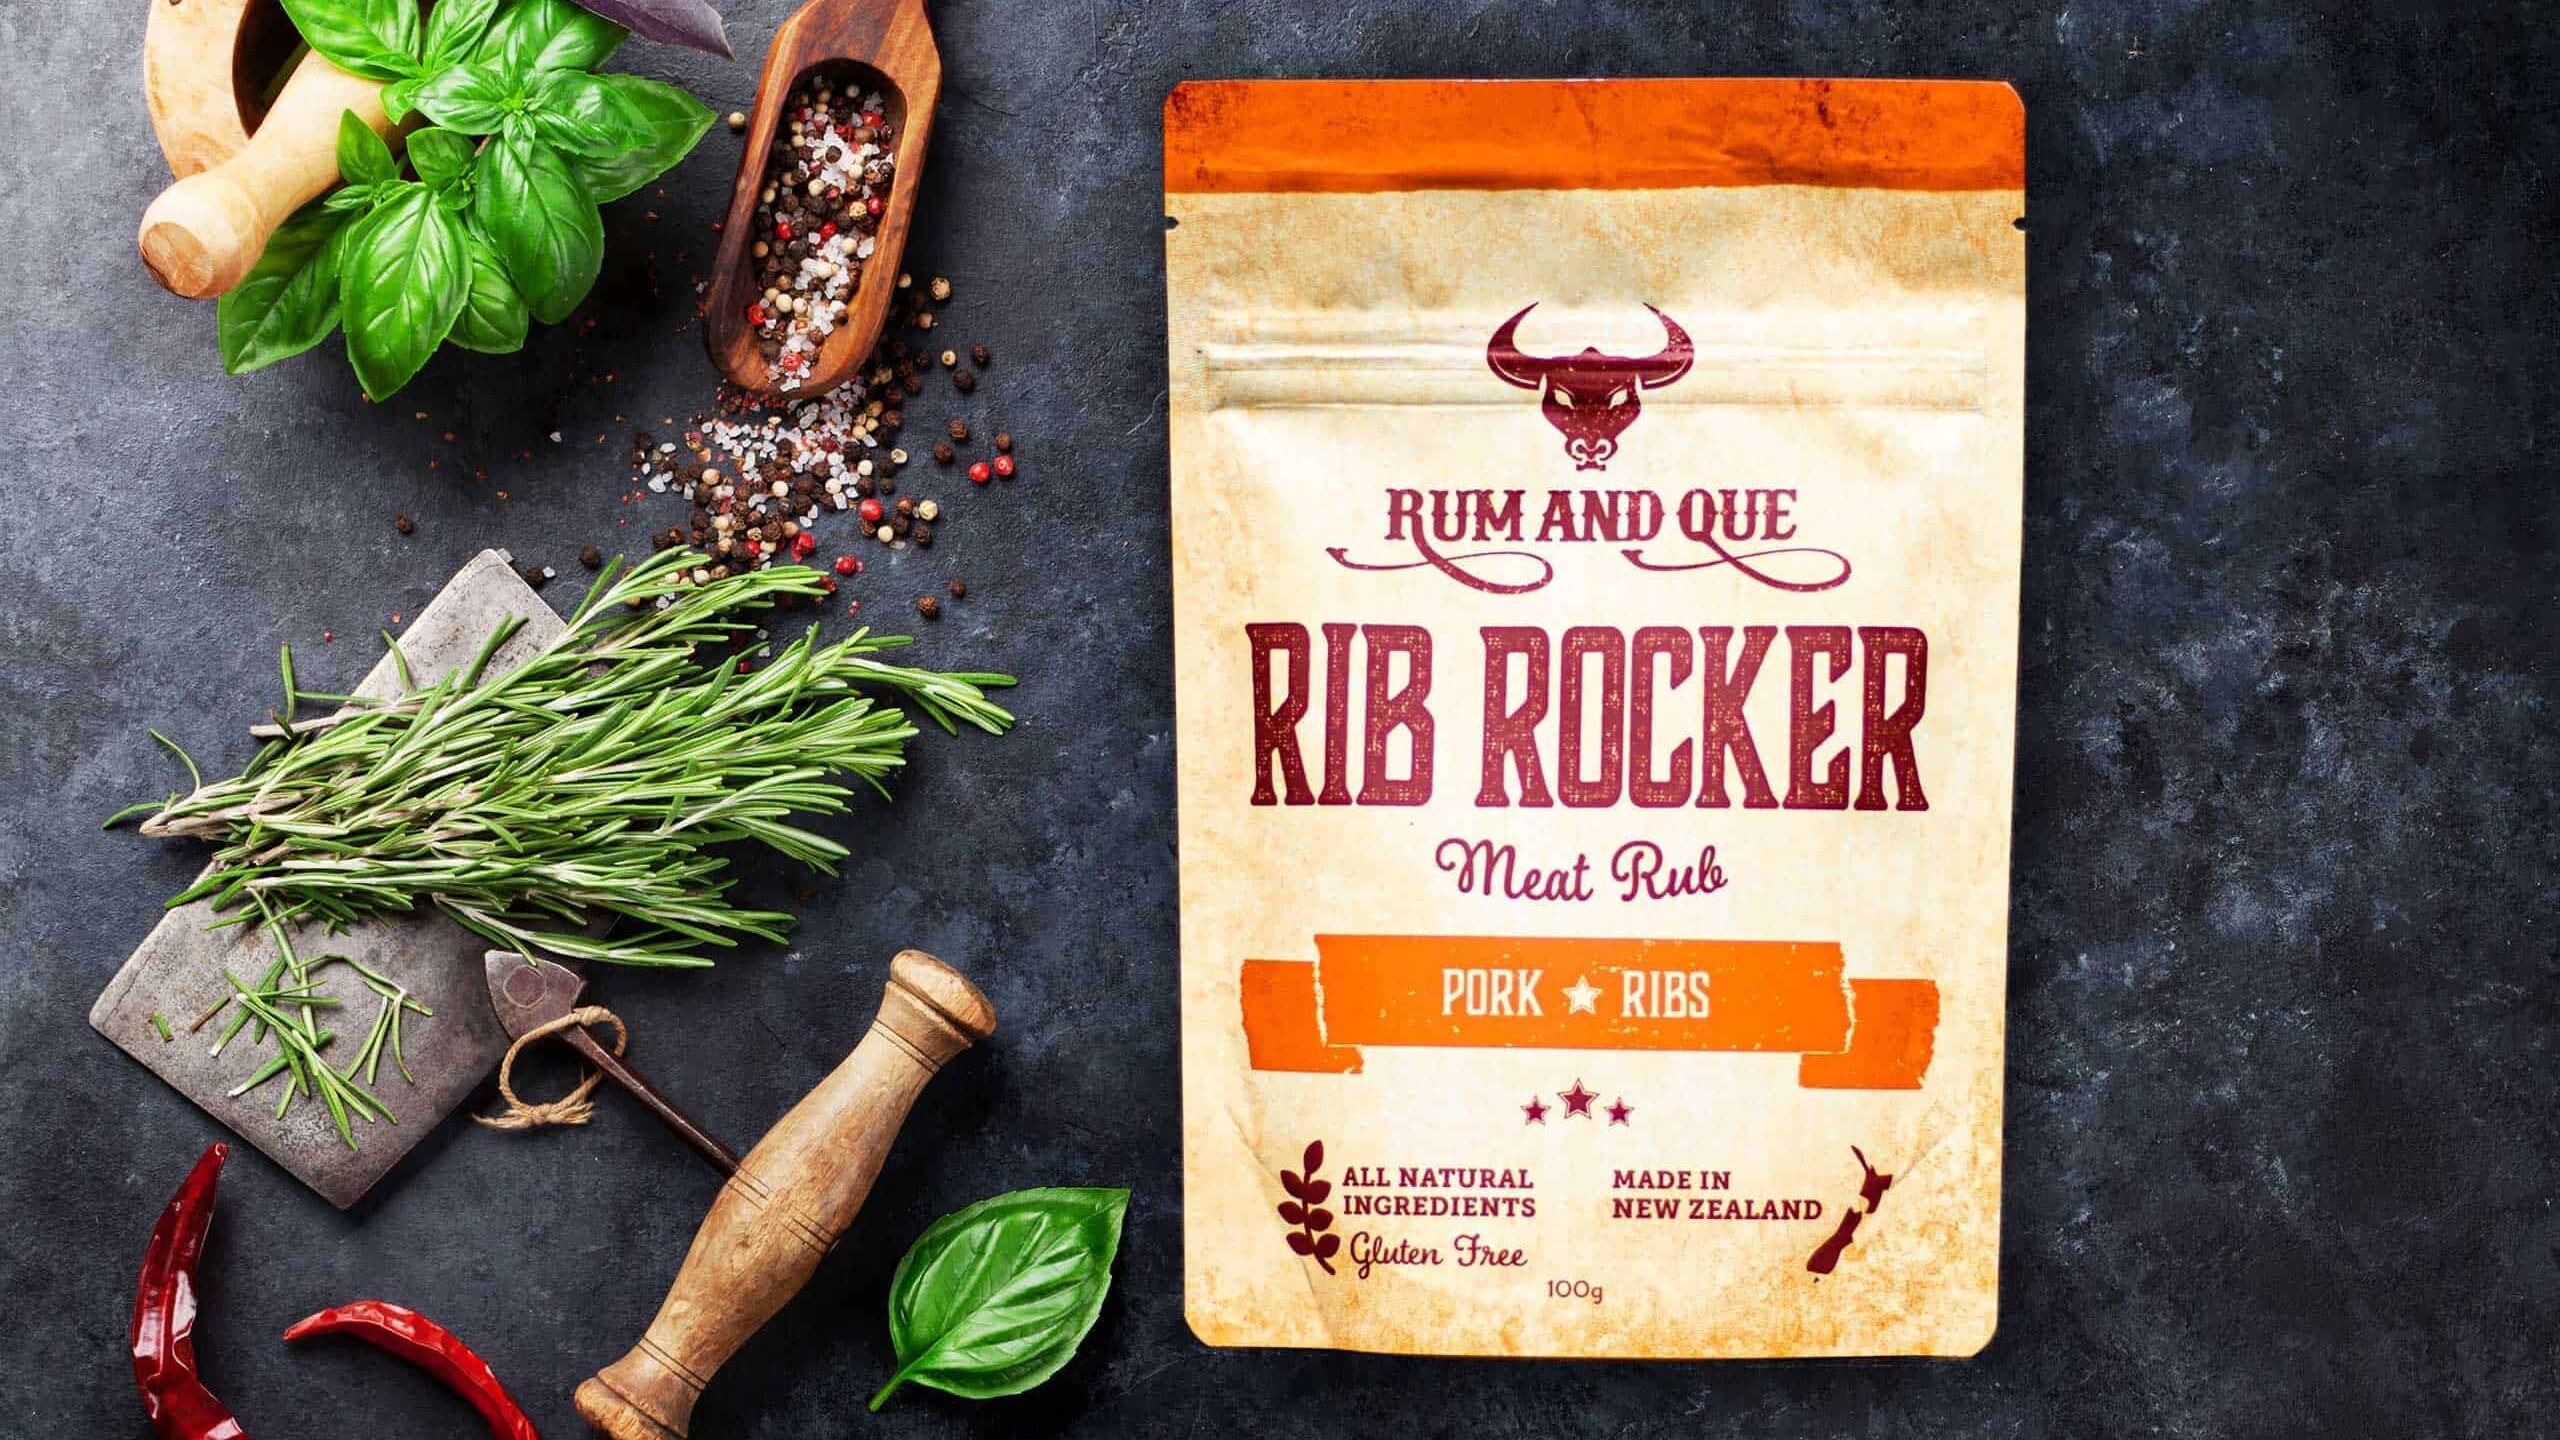 Rum & Que Rib Rocker Meat Rub